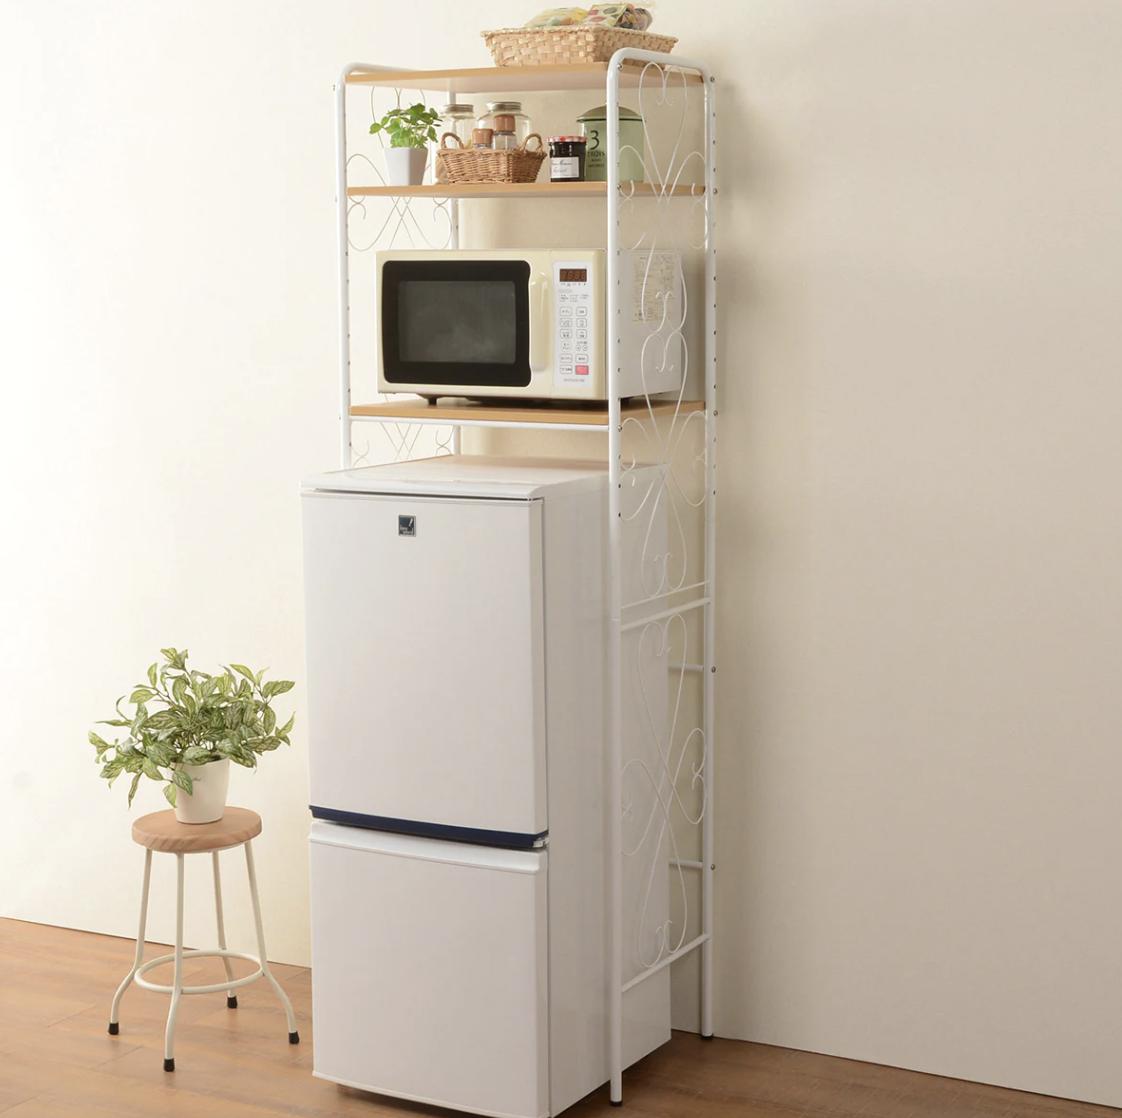 アンティークな雰囲気のおしゃれな冷蔵庫ラック